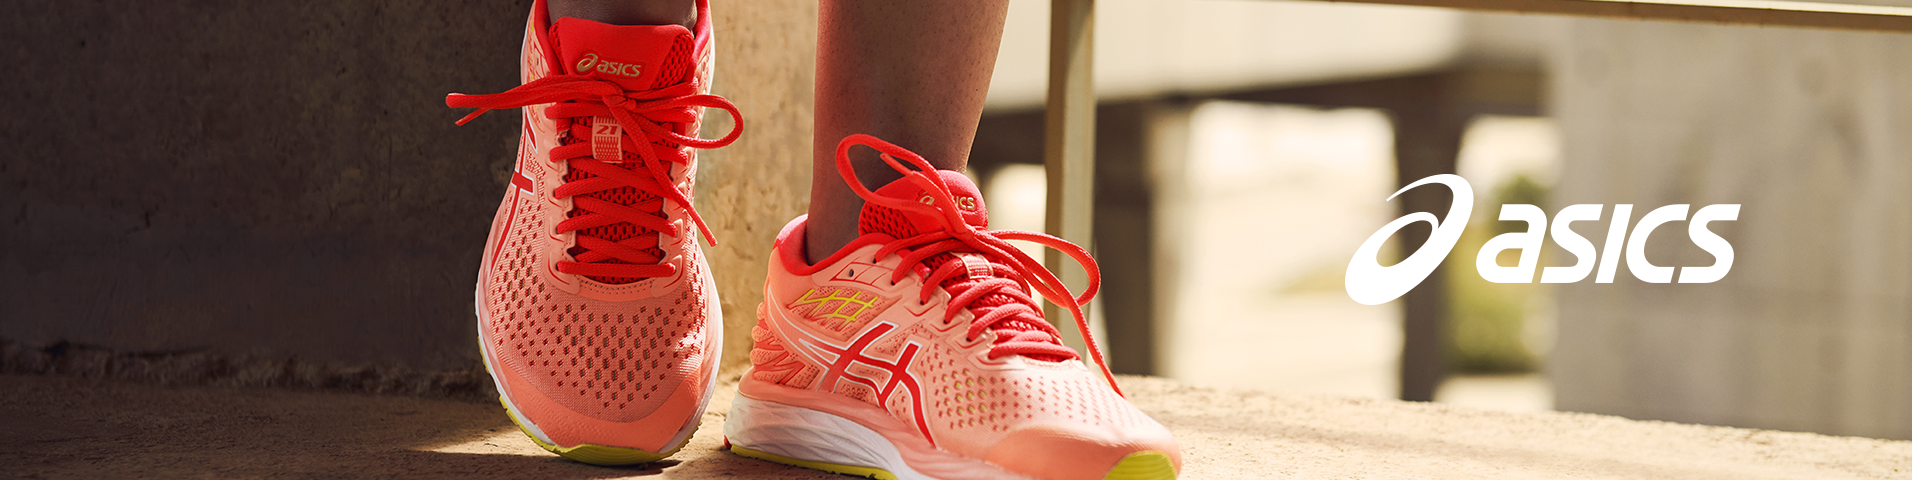 ASICS Laufschuhe für Damen im Schuh SALE | online bei ZALANDO